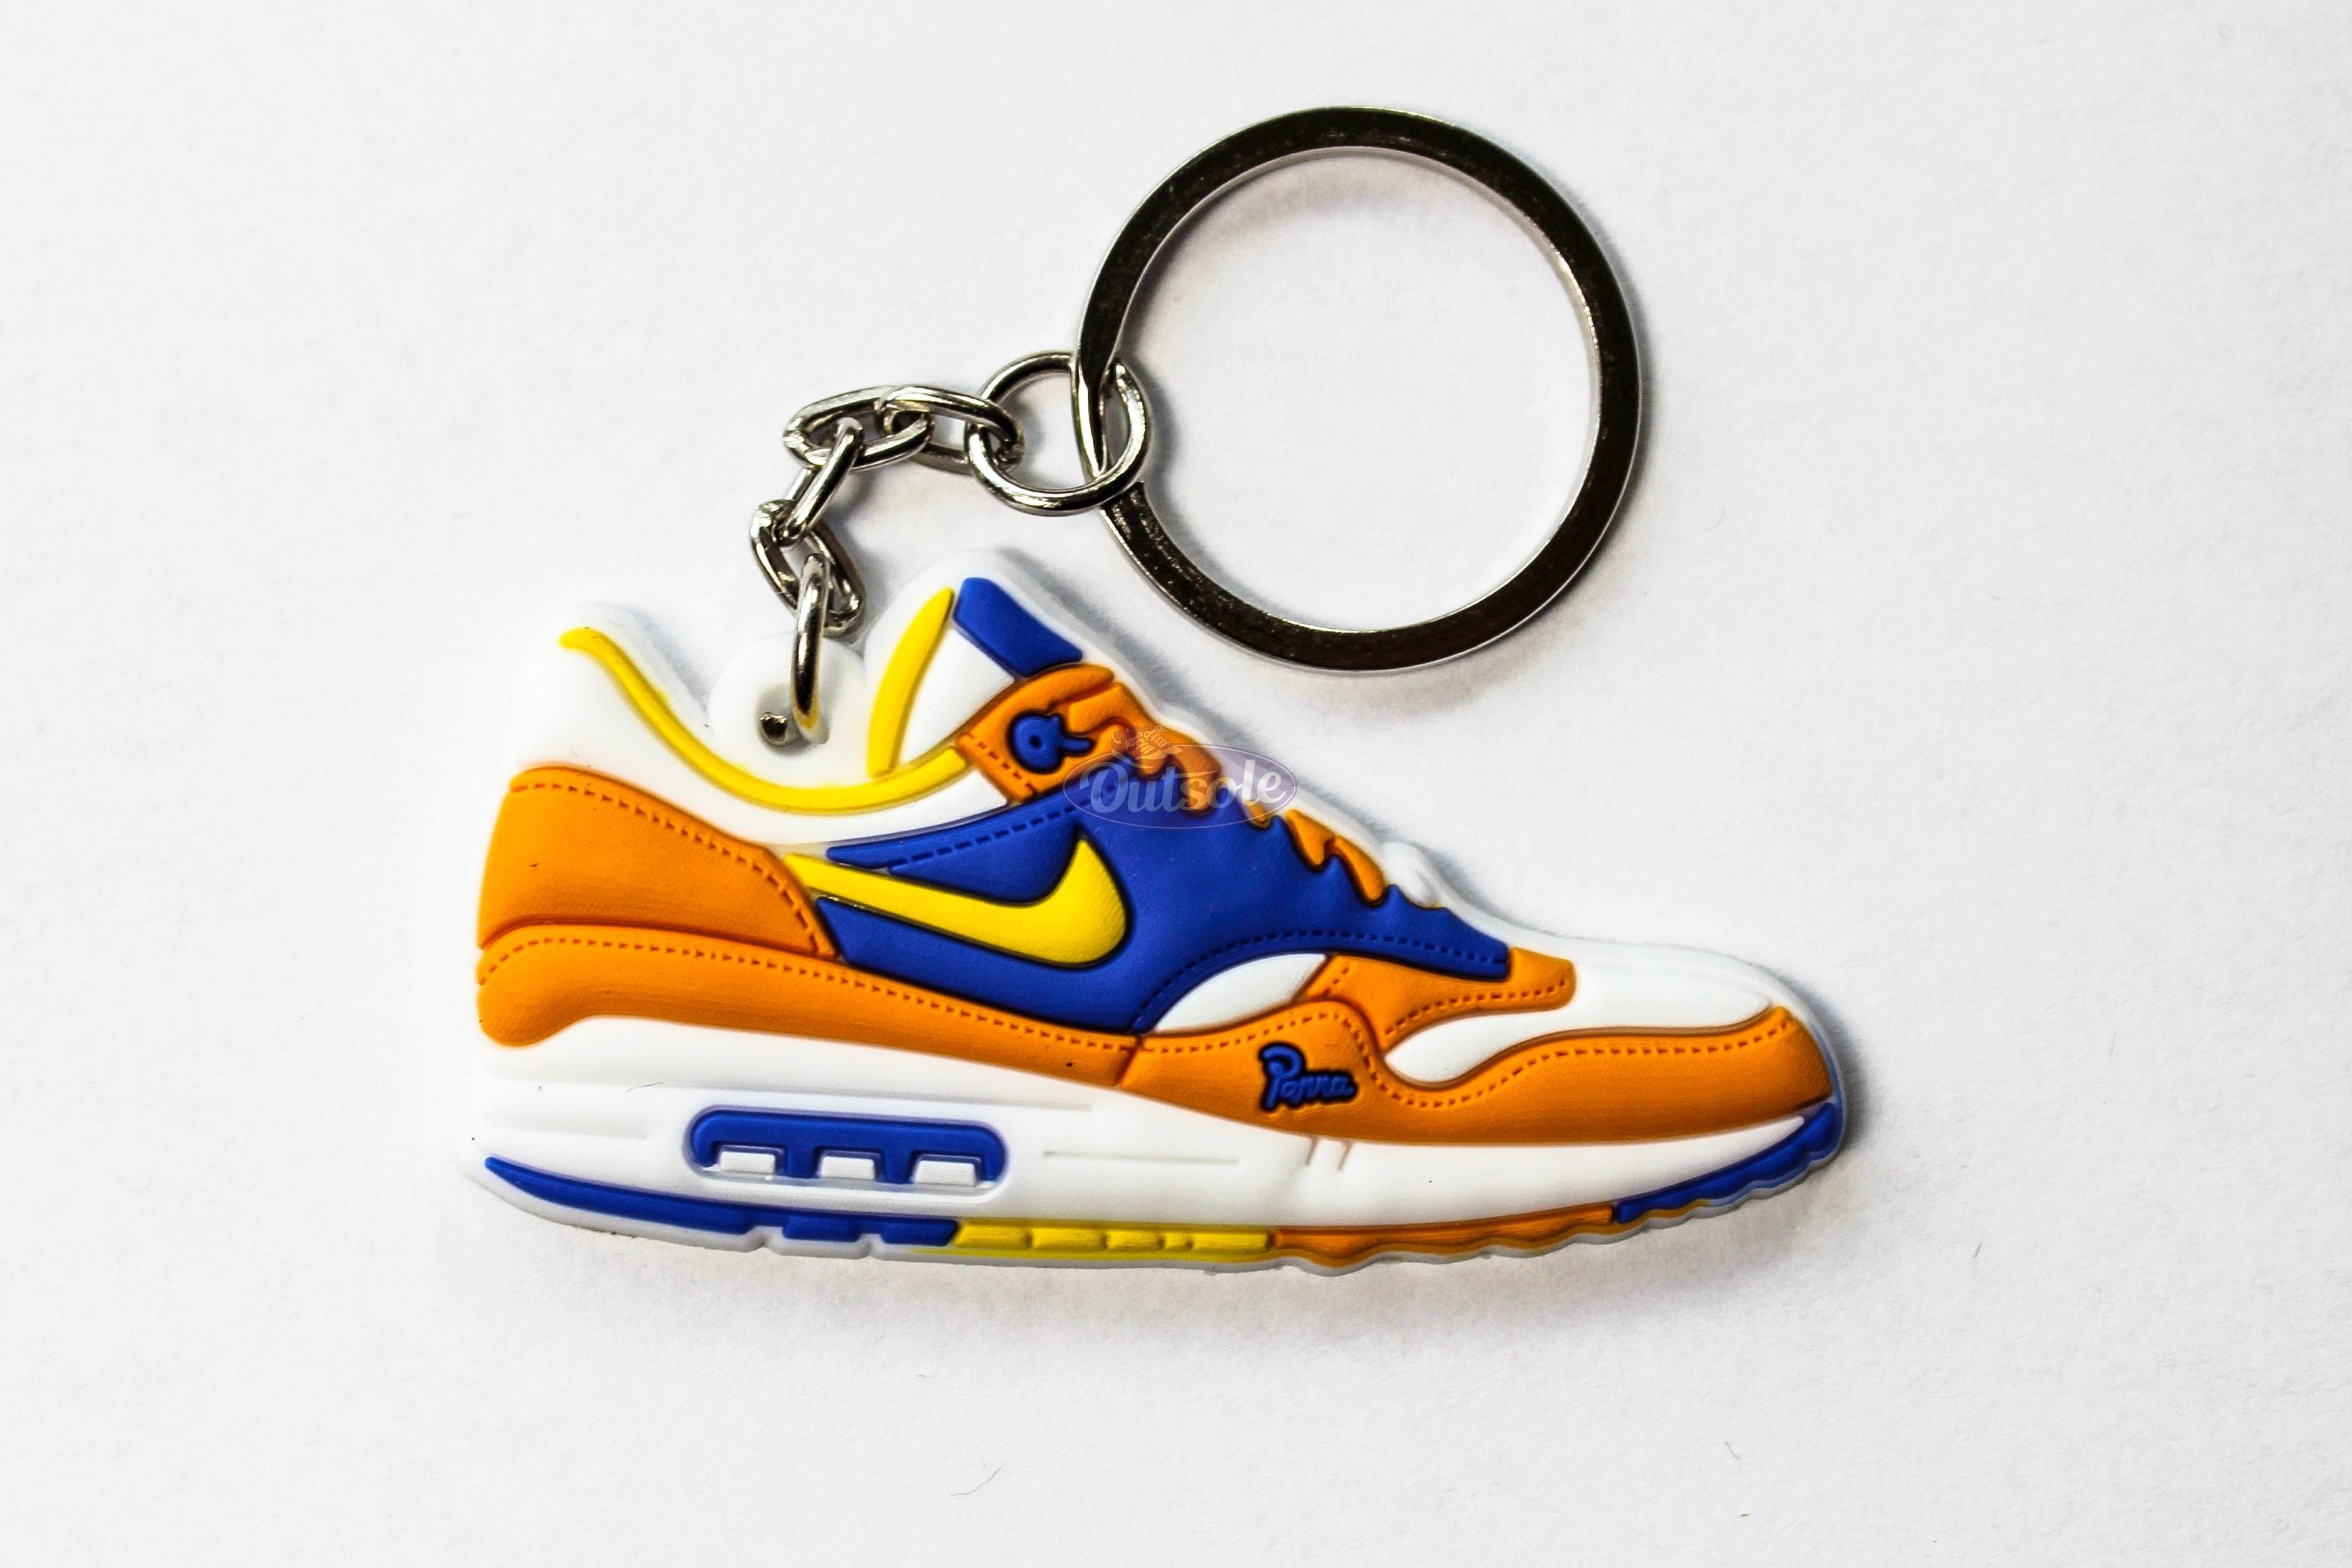 c143cf238872 ... Nike Air Max 1 Albert Heijn sleutelhanger. Albert Heijn keychain